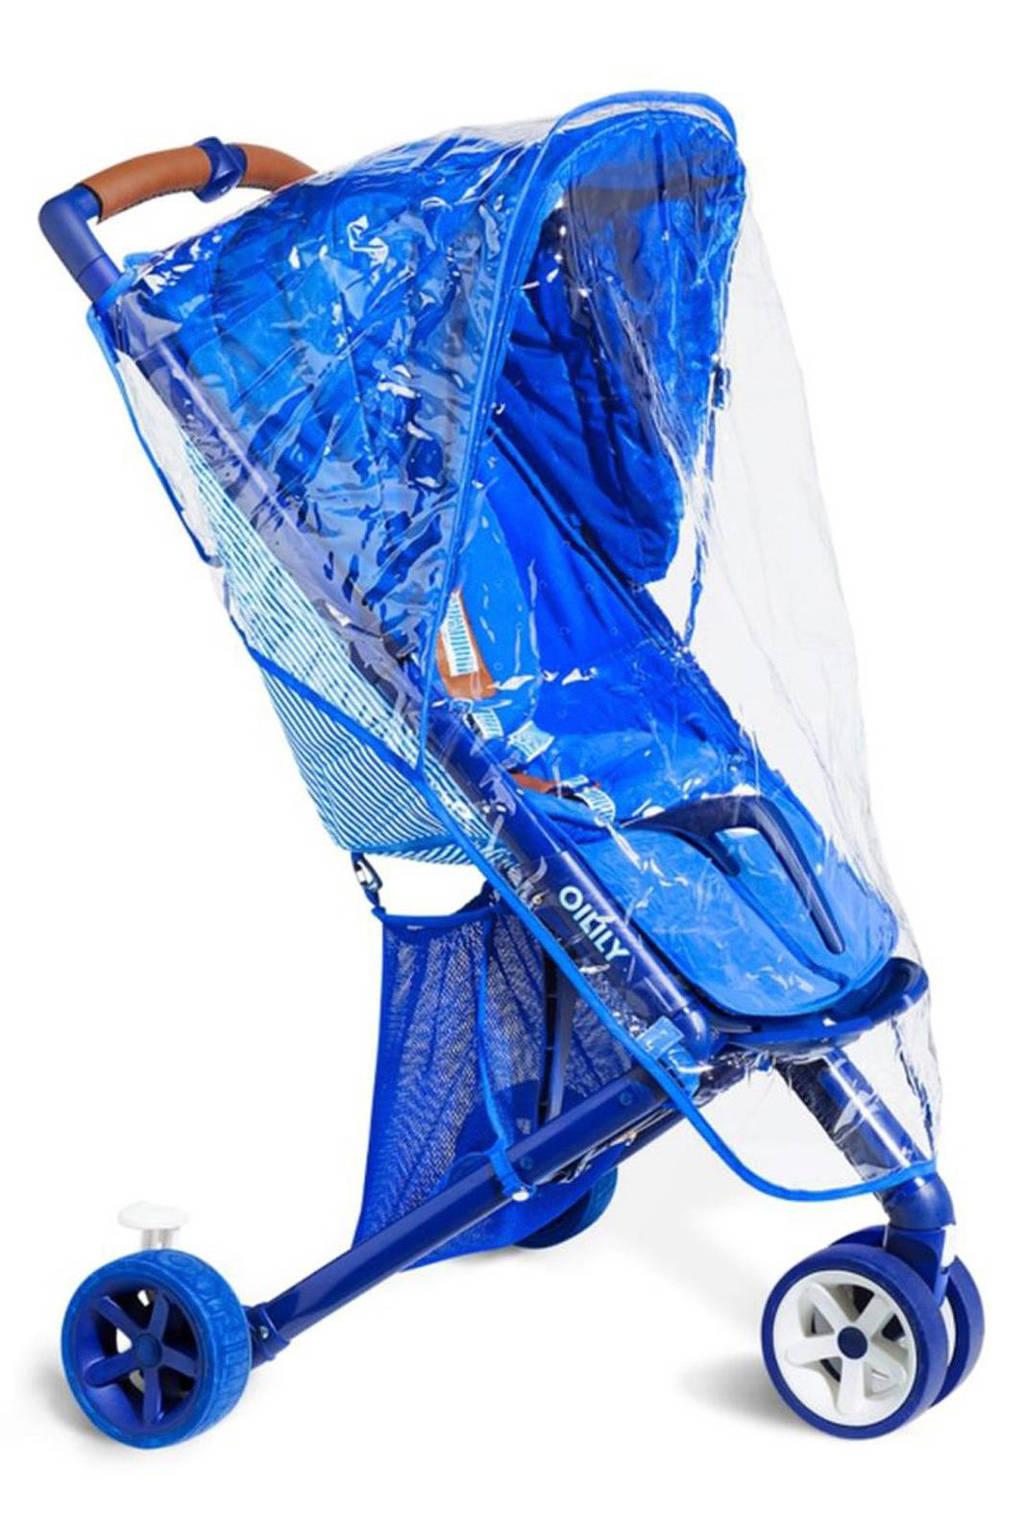 Oilily Regenhoes Combi-Buggy - Blauw